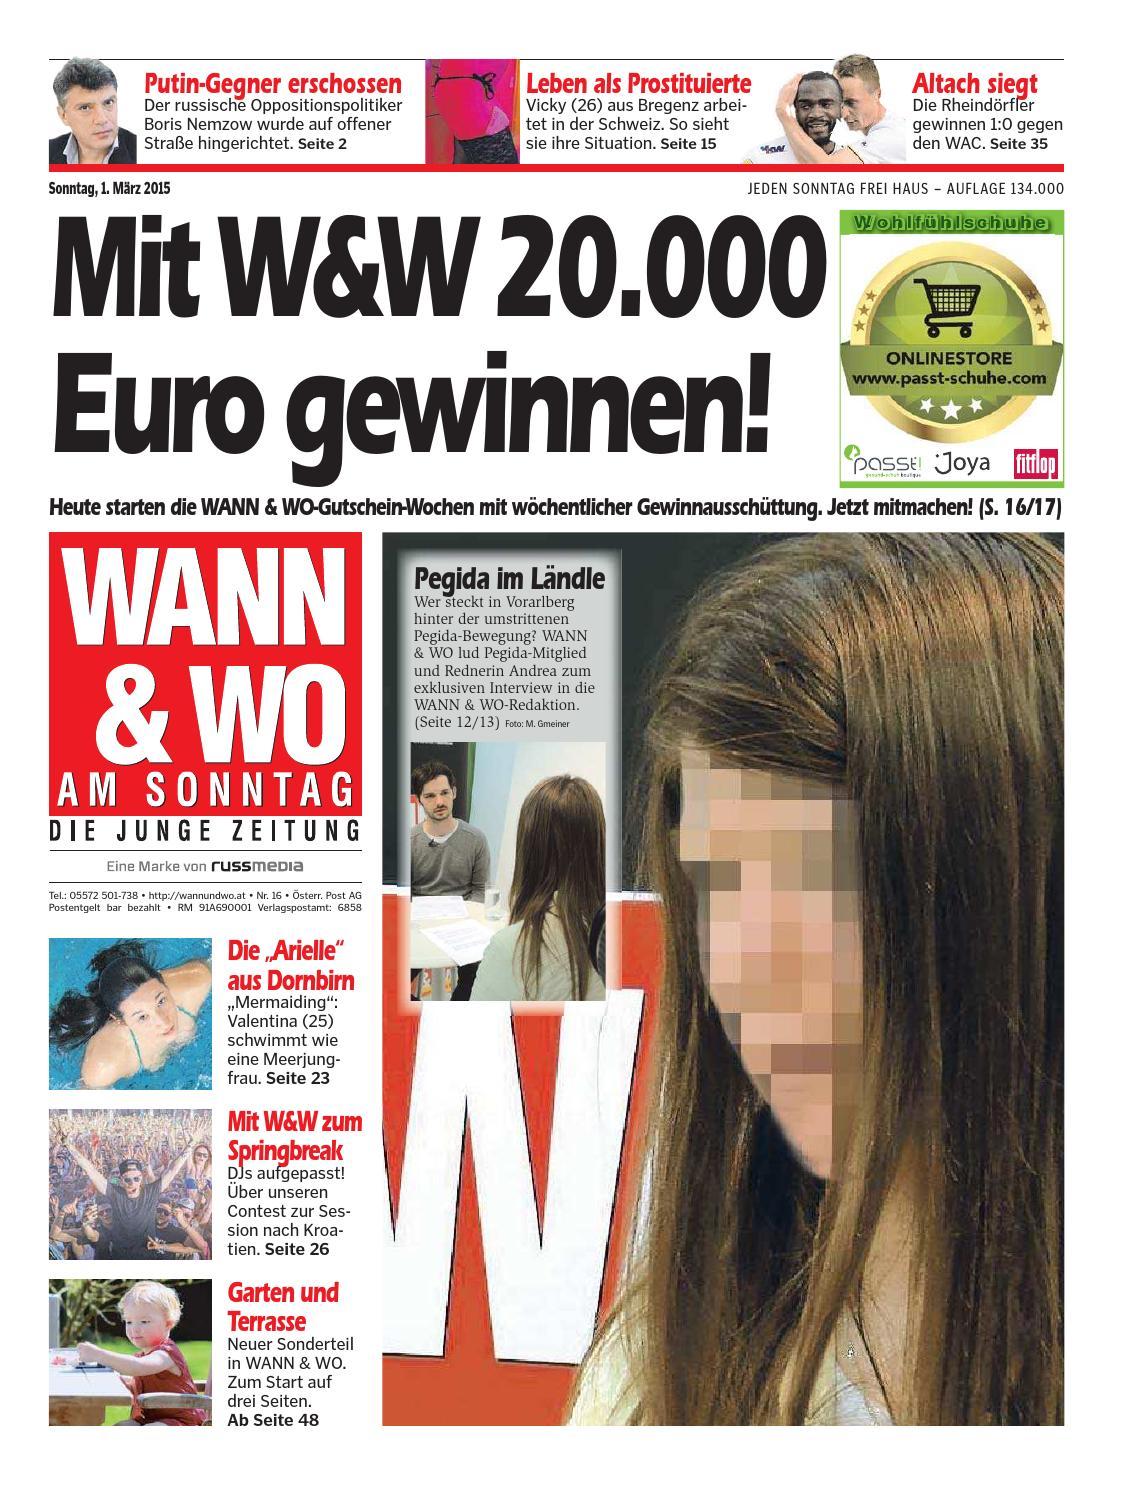 Sie sucht Ihn (Erotik): Sex in Bregenz - calrice.net